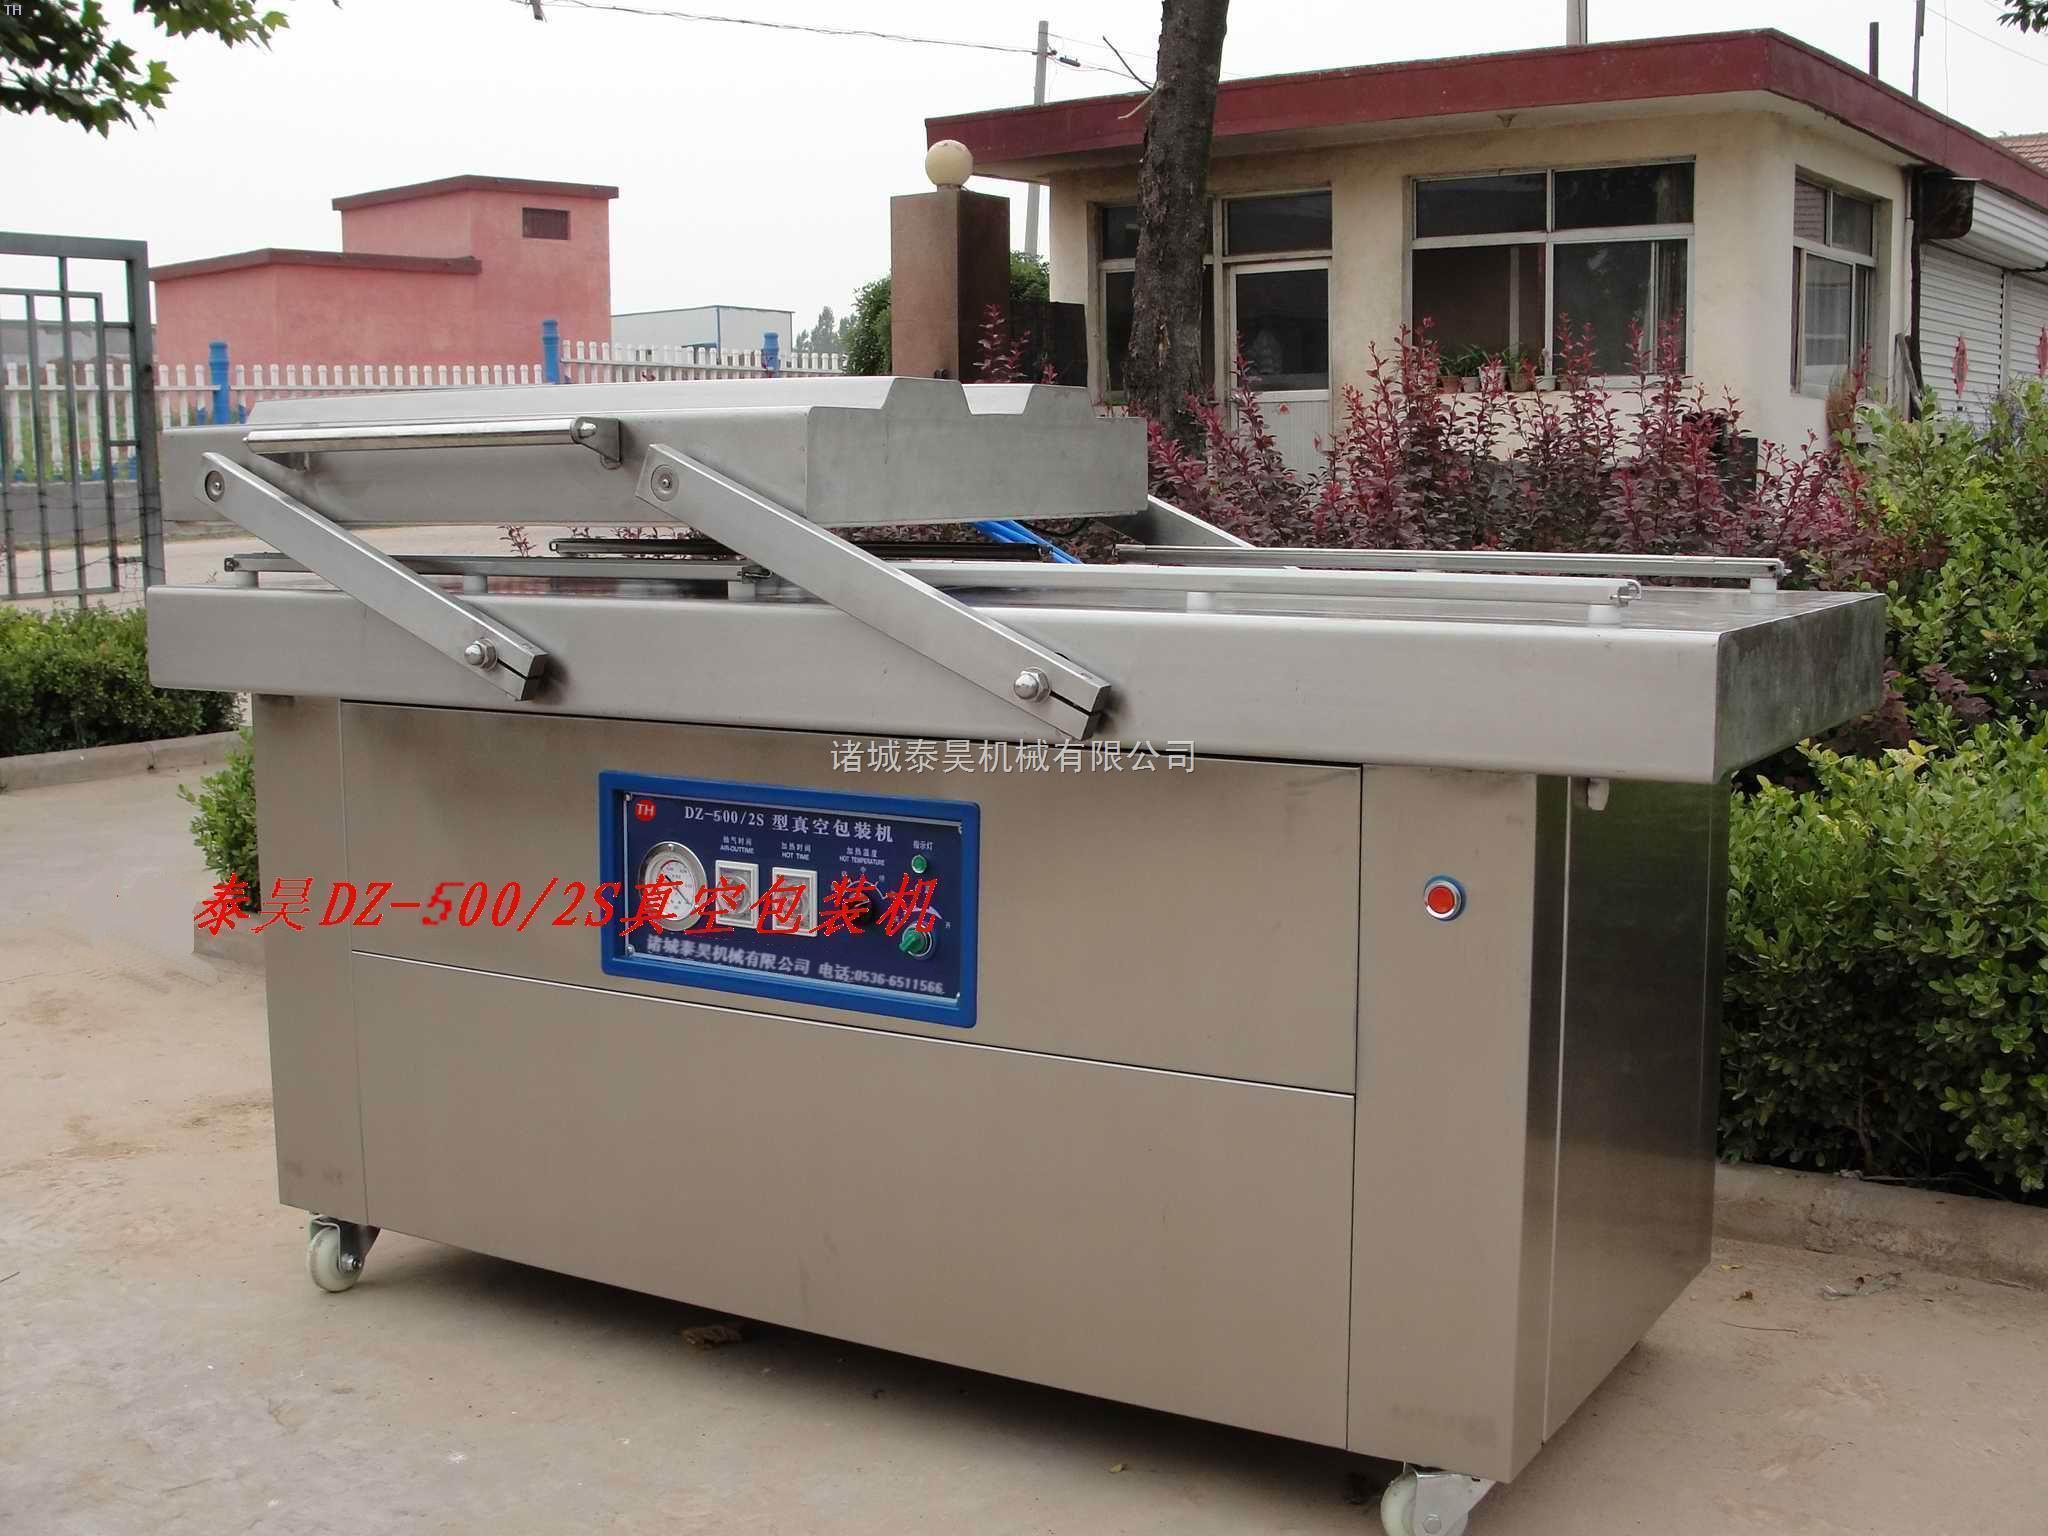 泰昊dz-500/2s香肠真空包装机